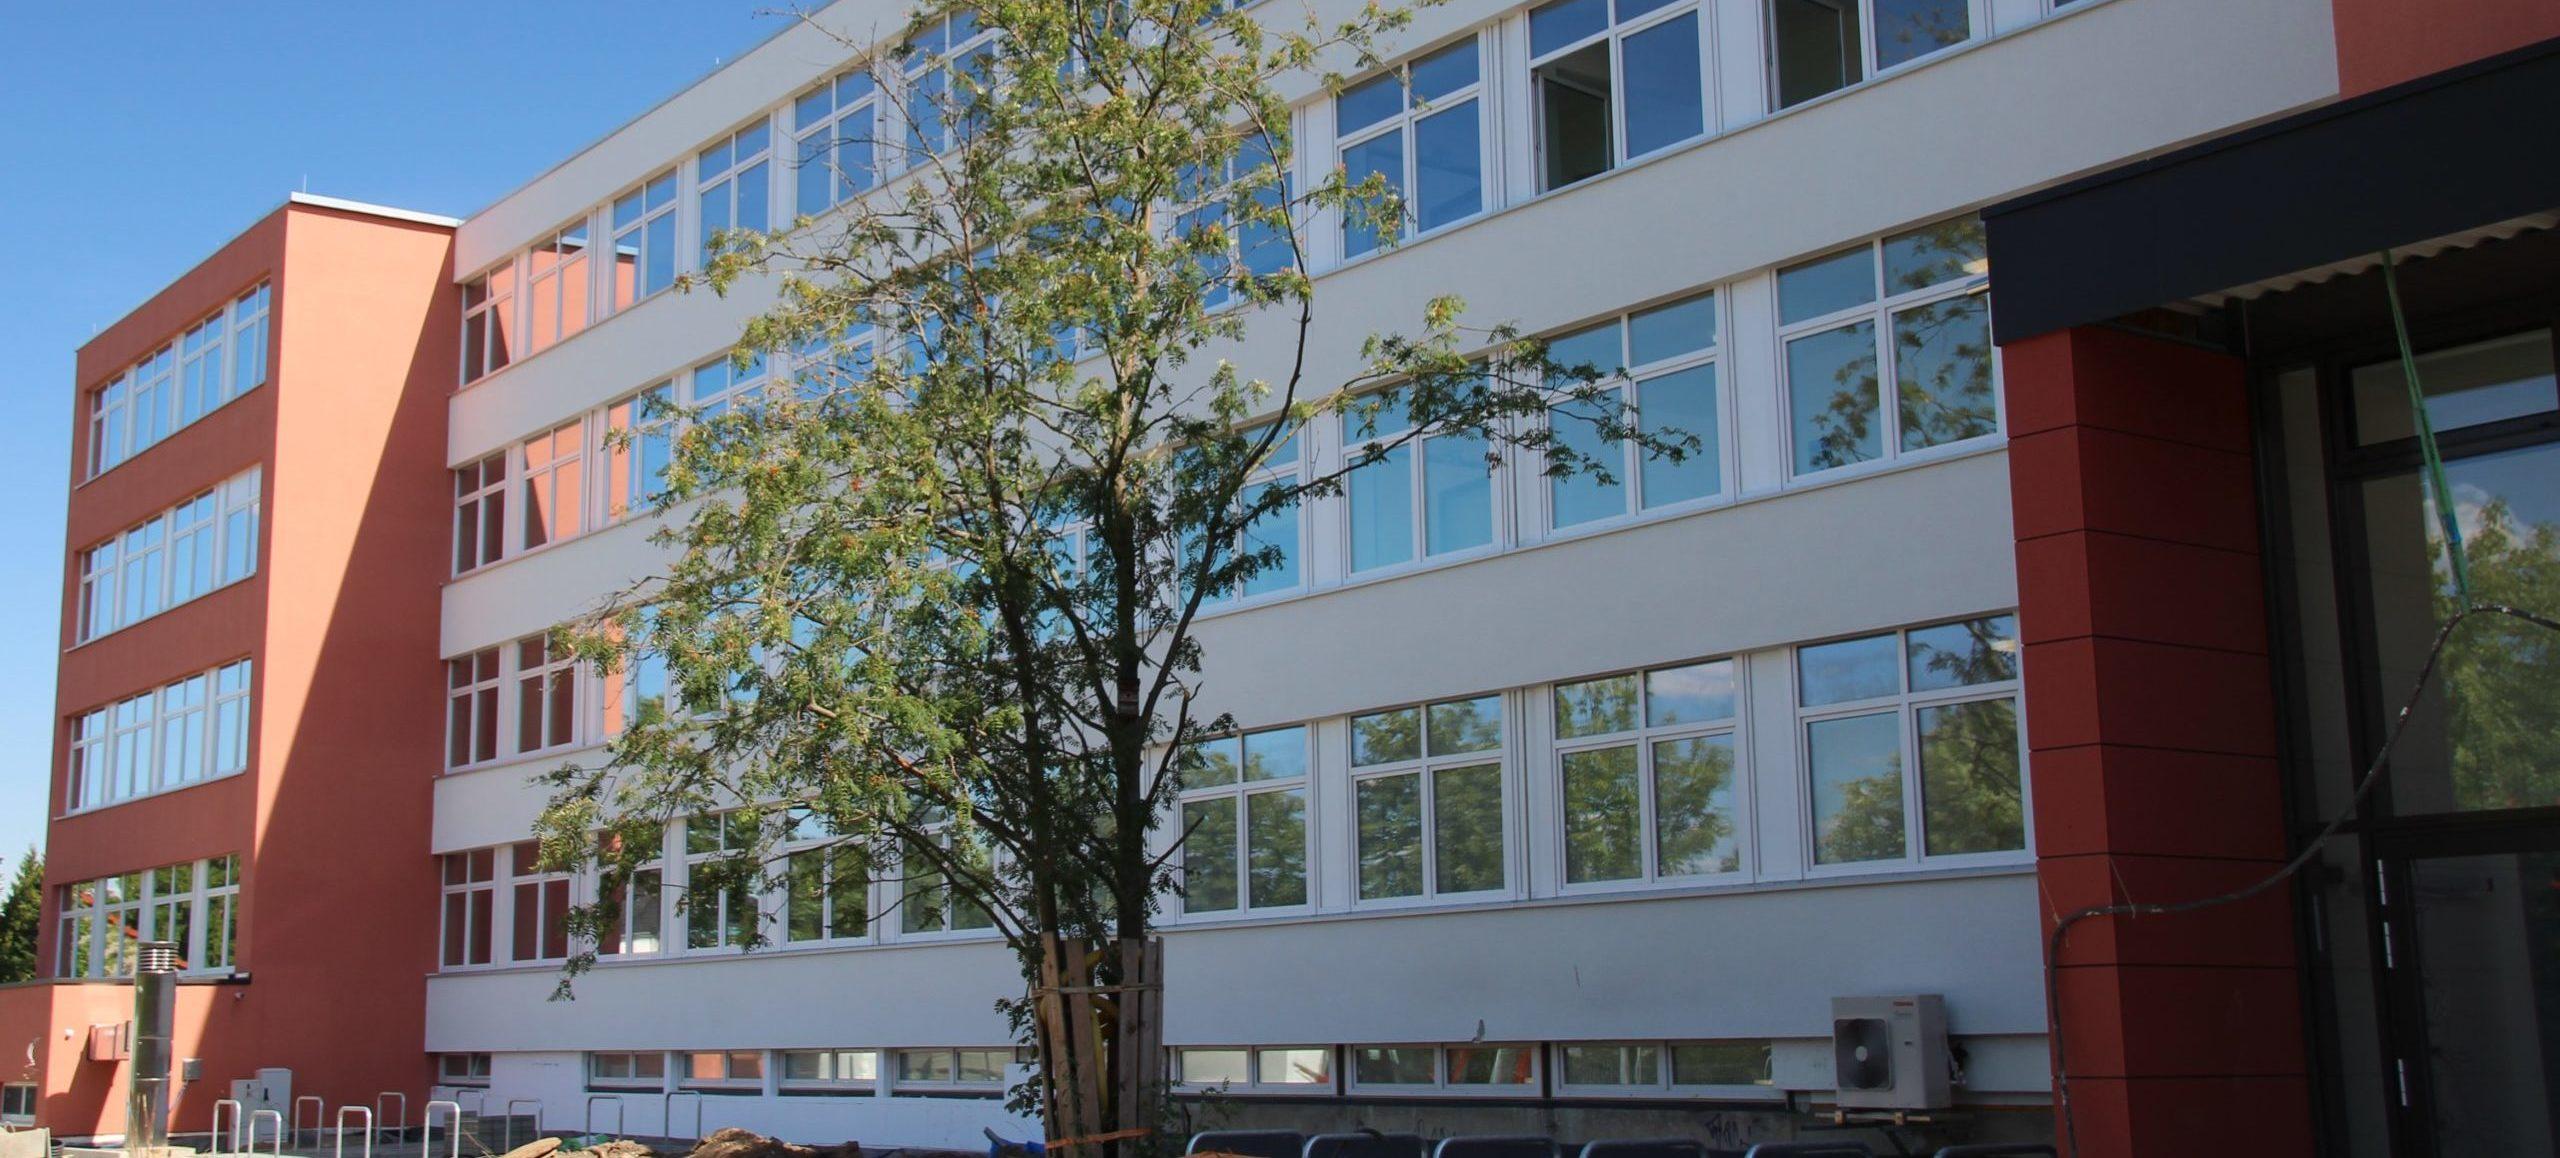 Willkommen in der Schule Höltystraße